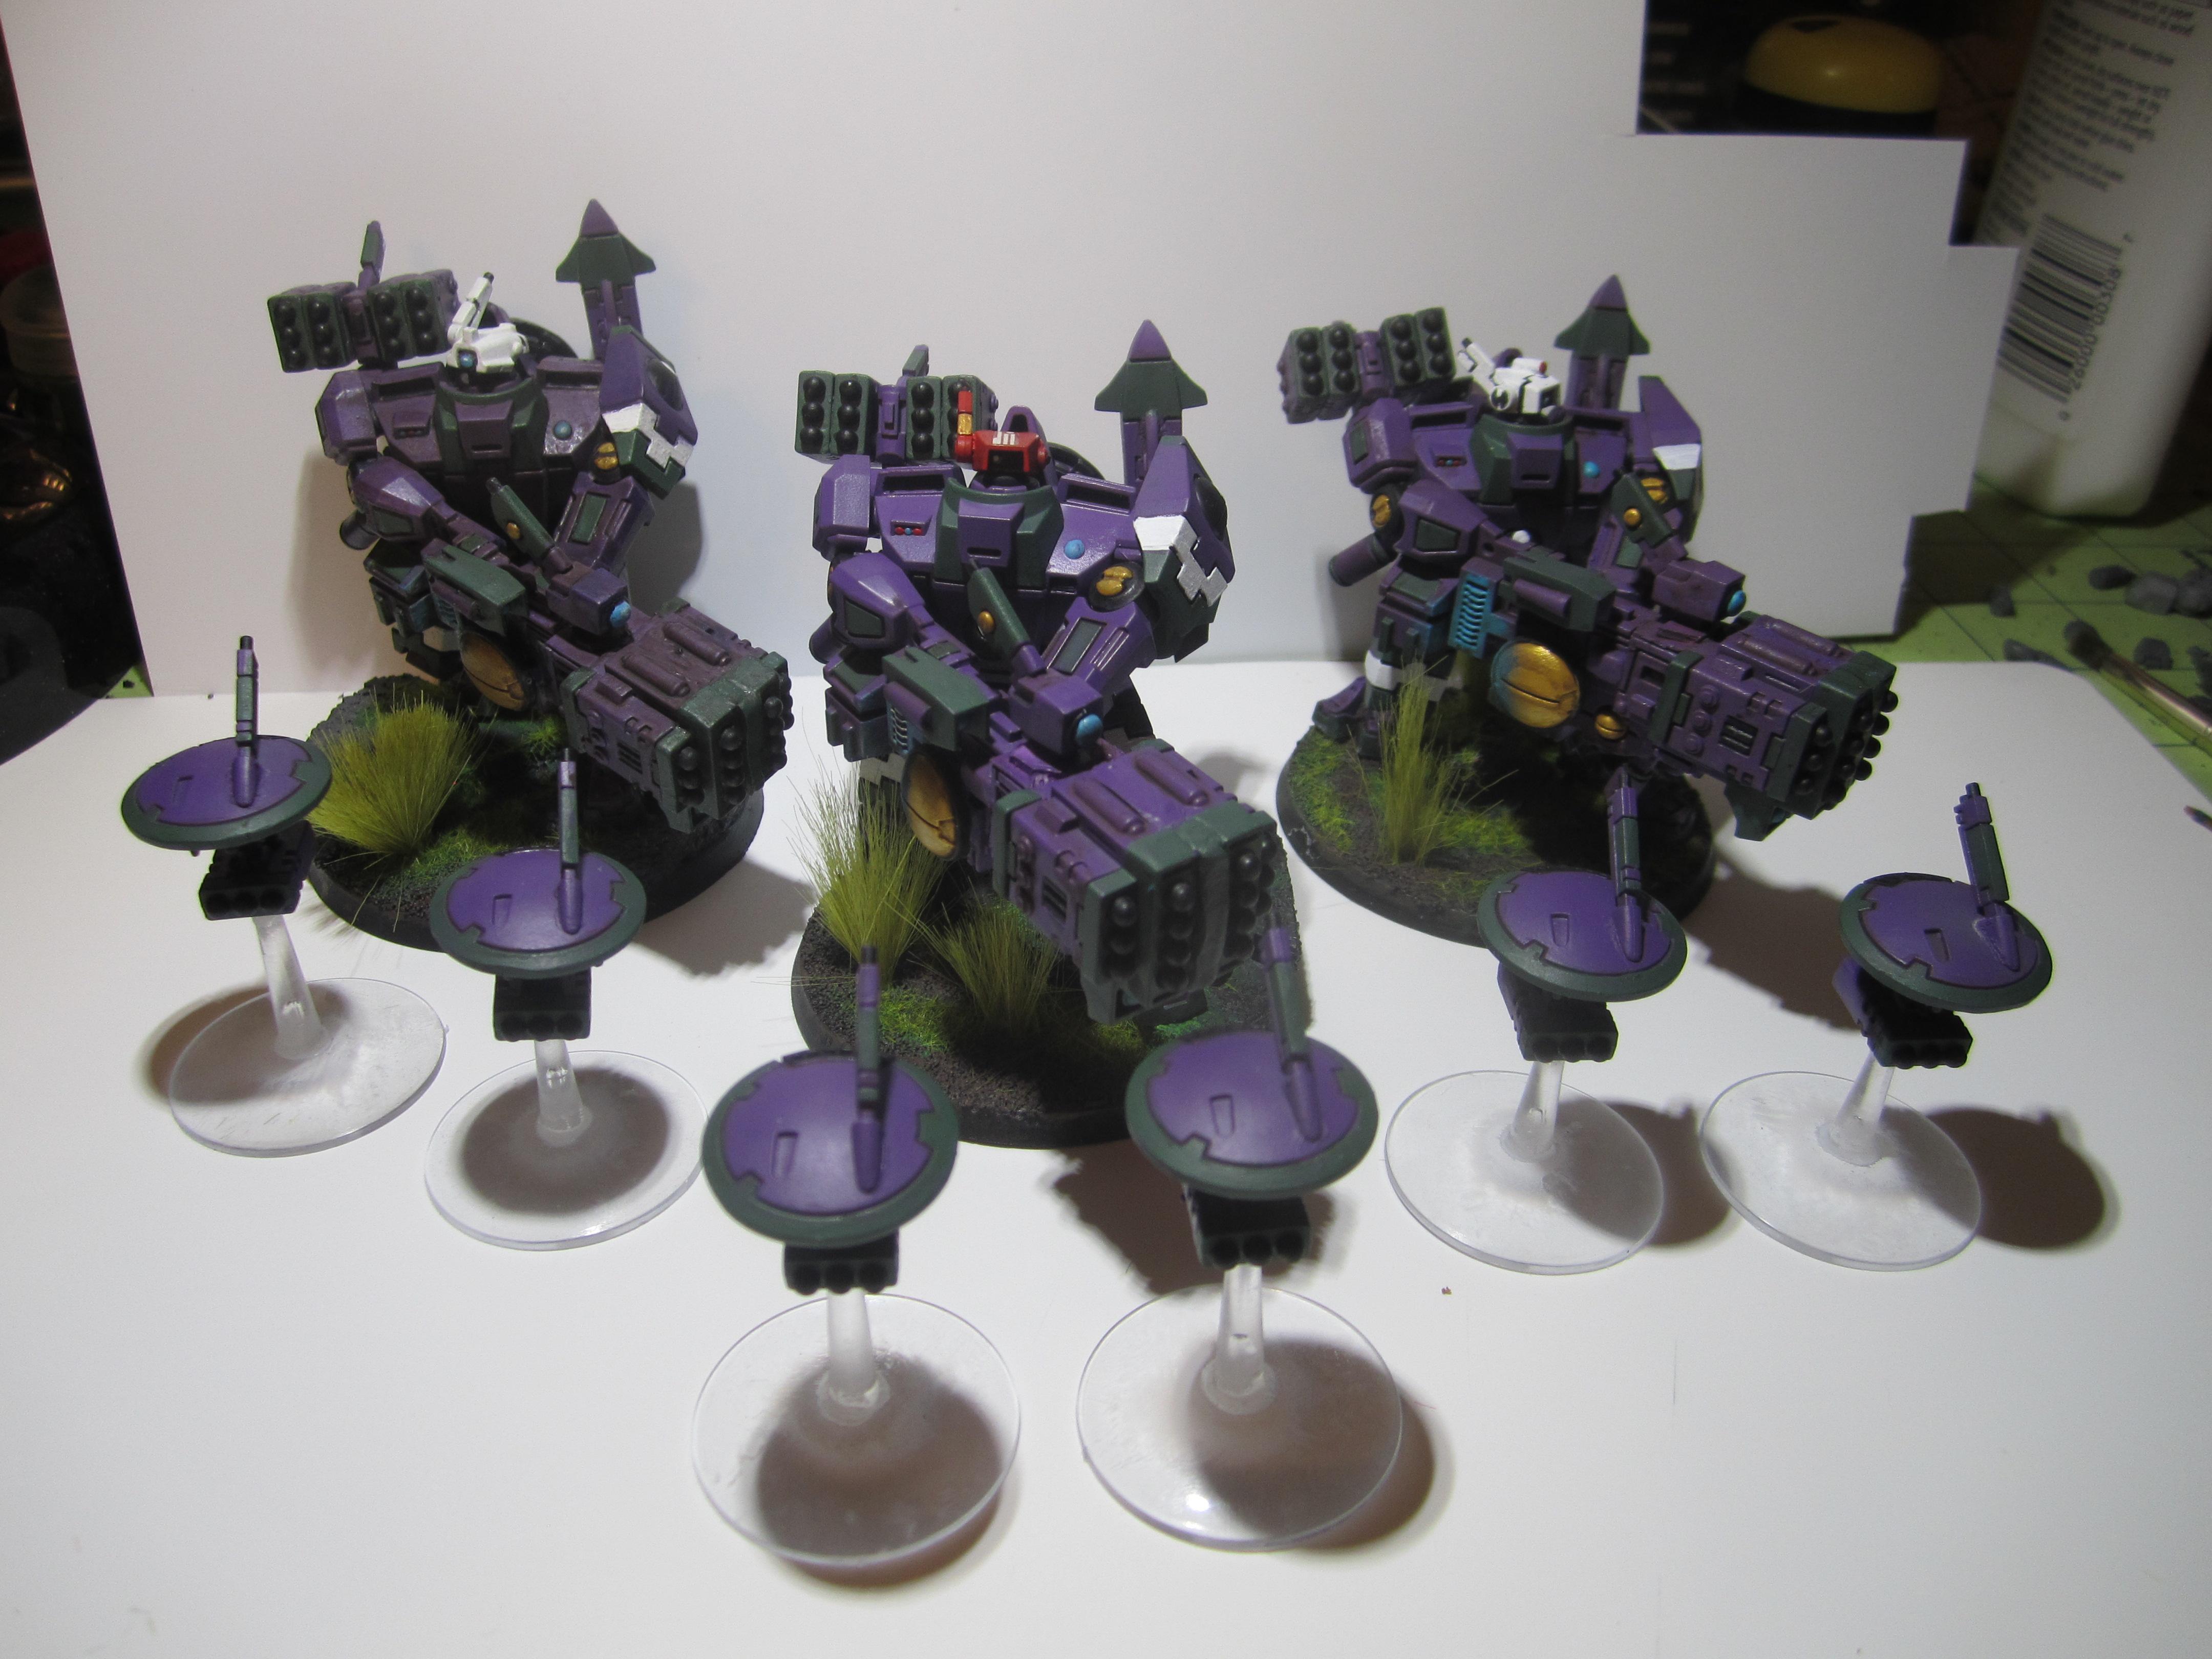 Army, Broadsides, Tau, Warhammer 40,000, Xv-88